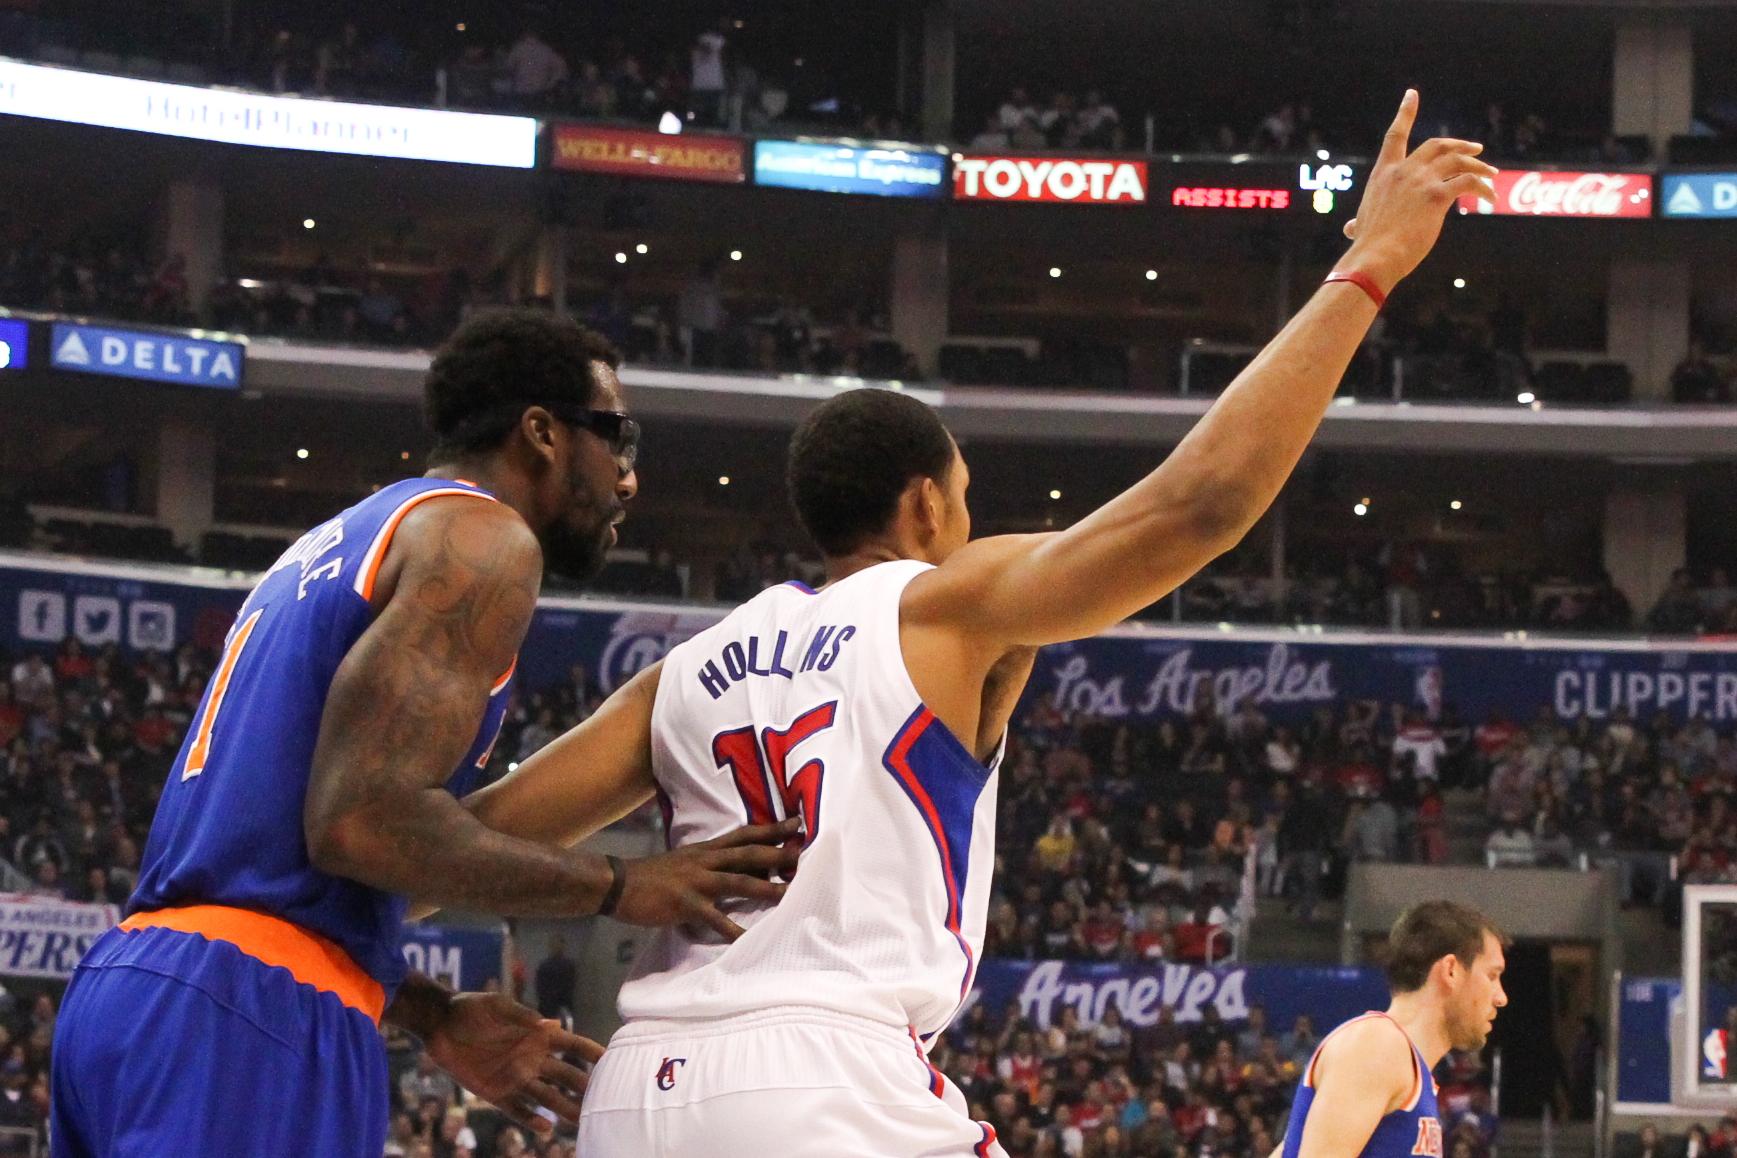 Photos by Varon P. Knicks-8.jpg